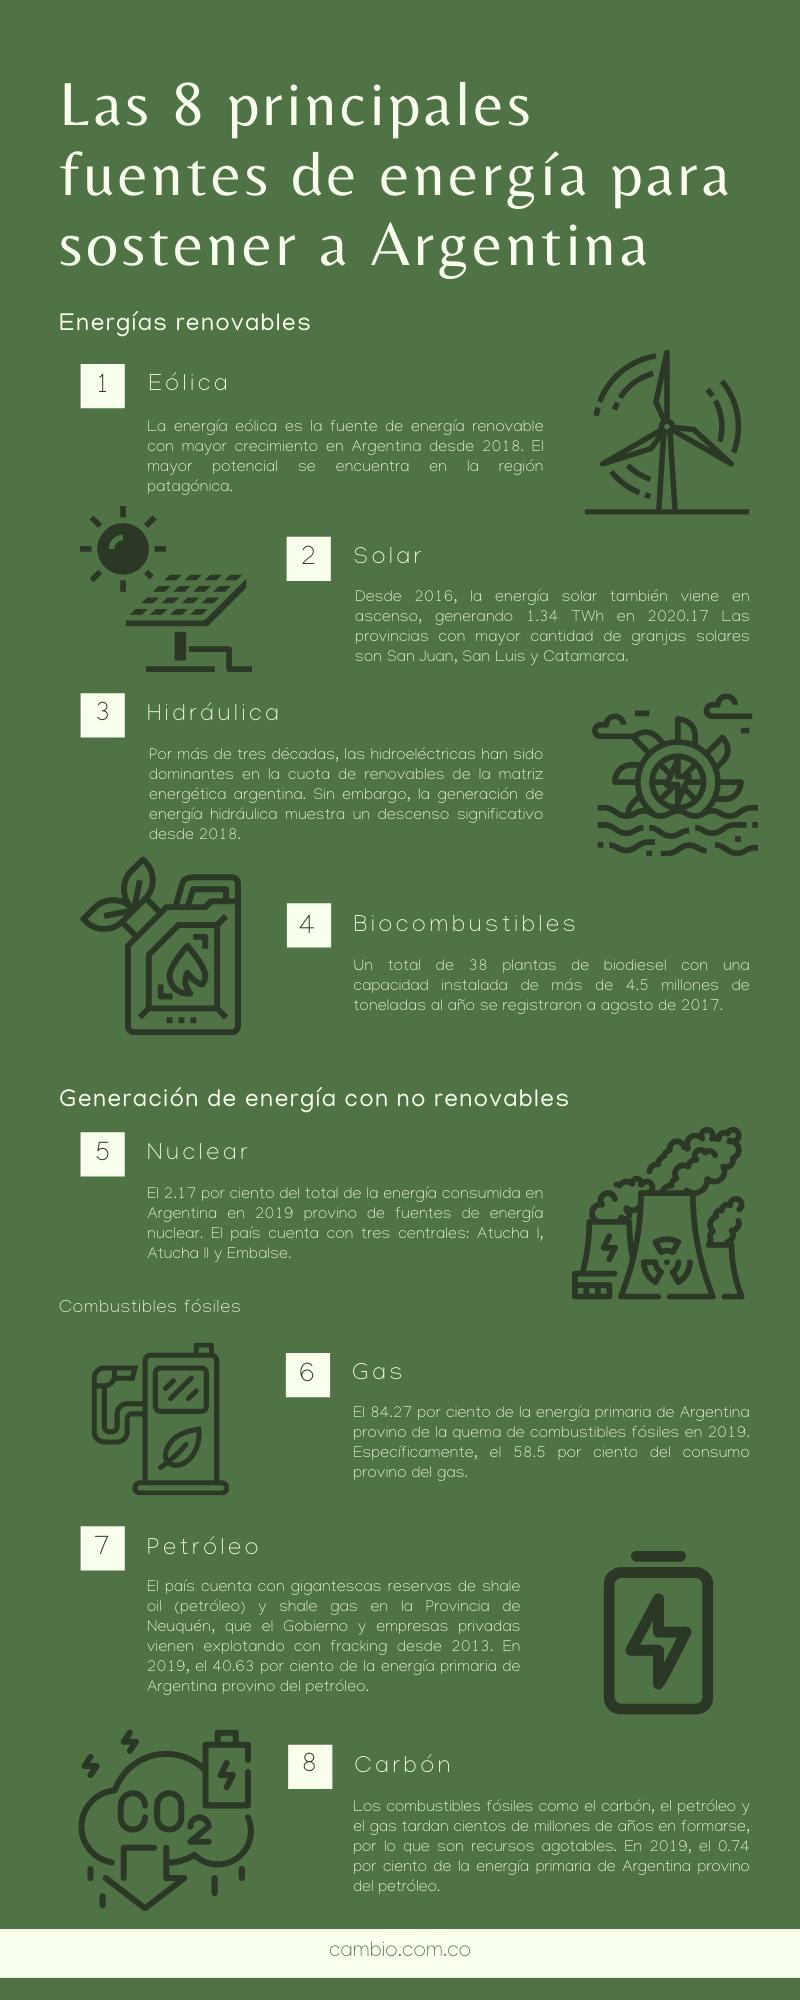 gráfico sobre Las 8 principales fuentes de energía para sostener a Argentina